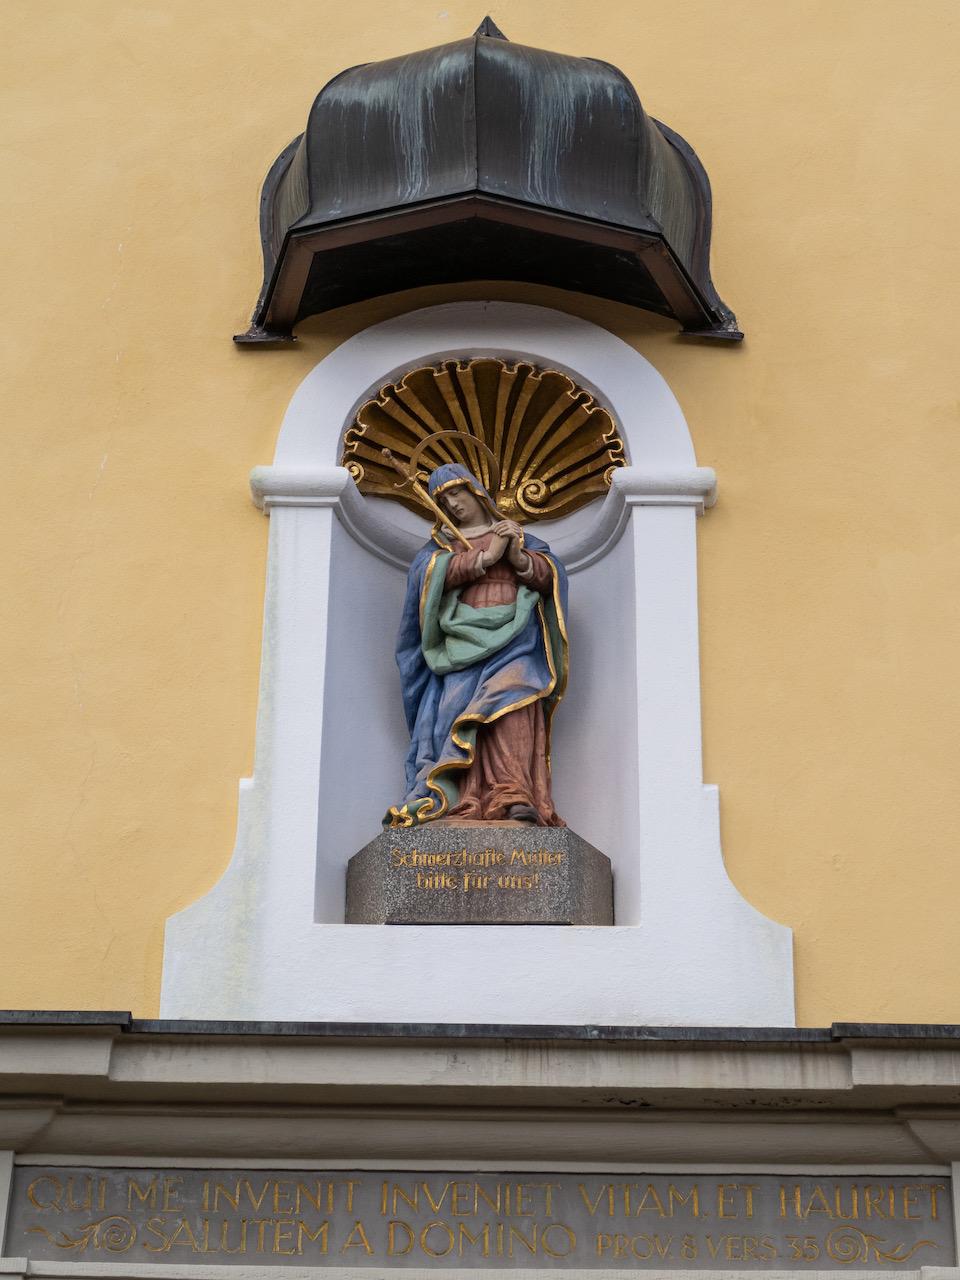 Portalfigur der Maria Dolorosa und Zitat aus Spr. 8,35: Wer mich findet, der findet das Leben und erlangt Wohlgefallen vom Herrn.